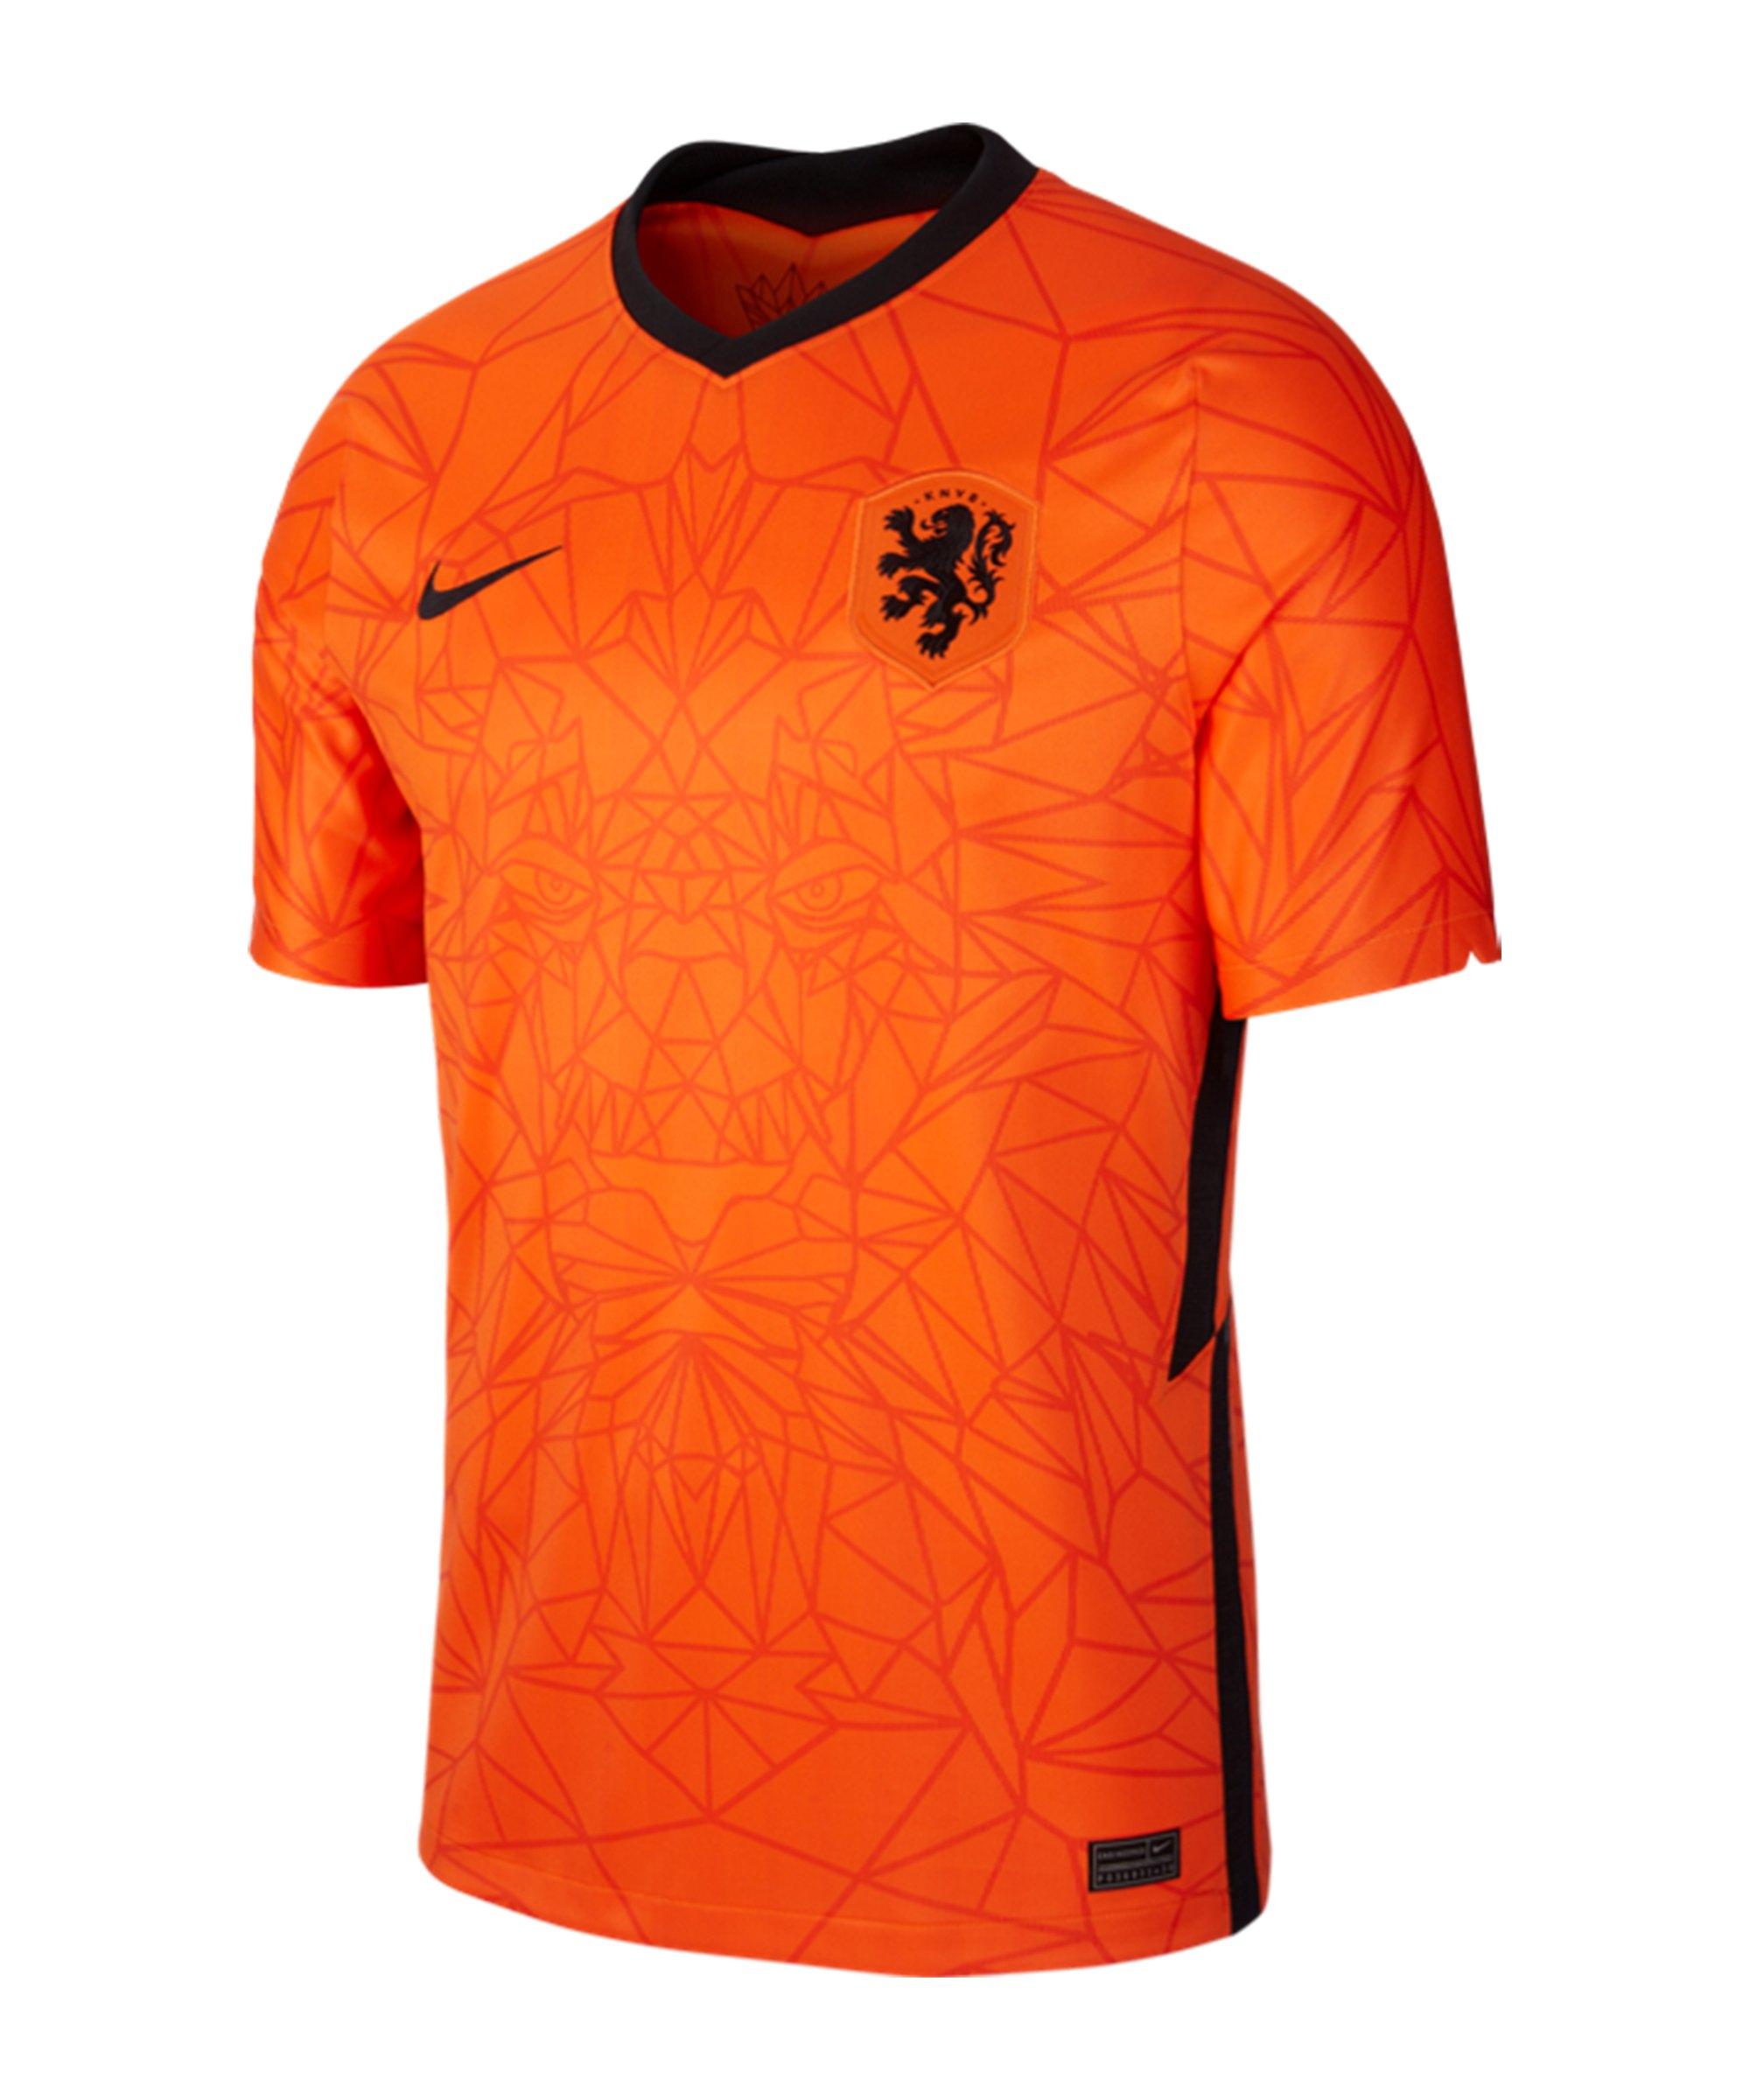 Nike Niederlande Trikot Home EM 2020 Kids F819 - orange